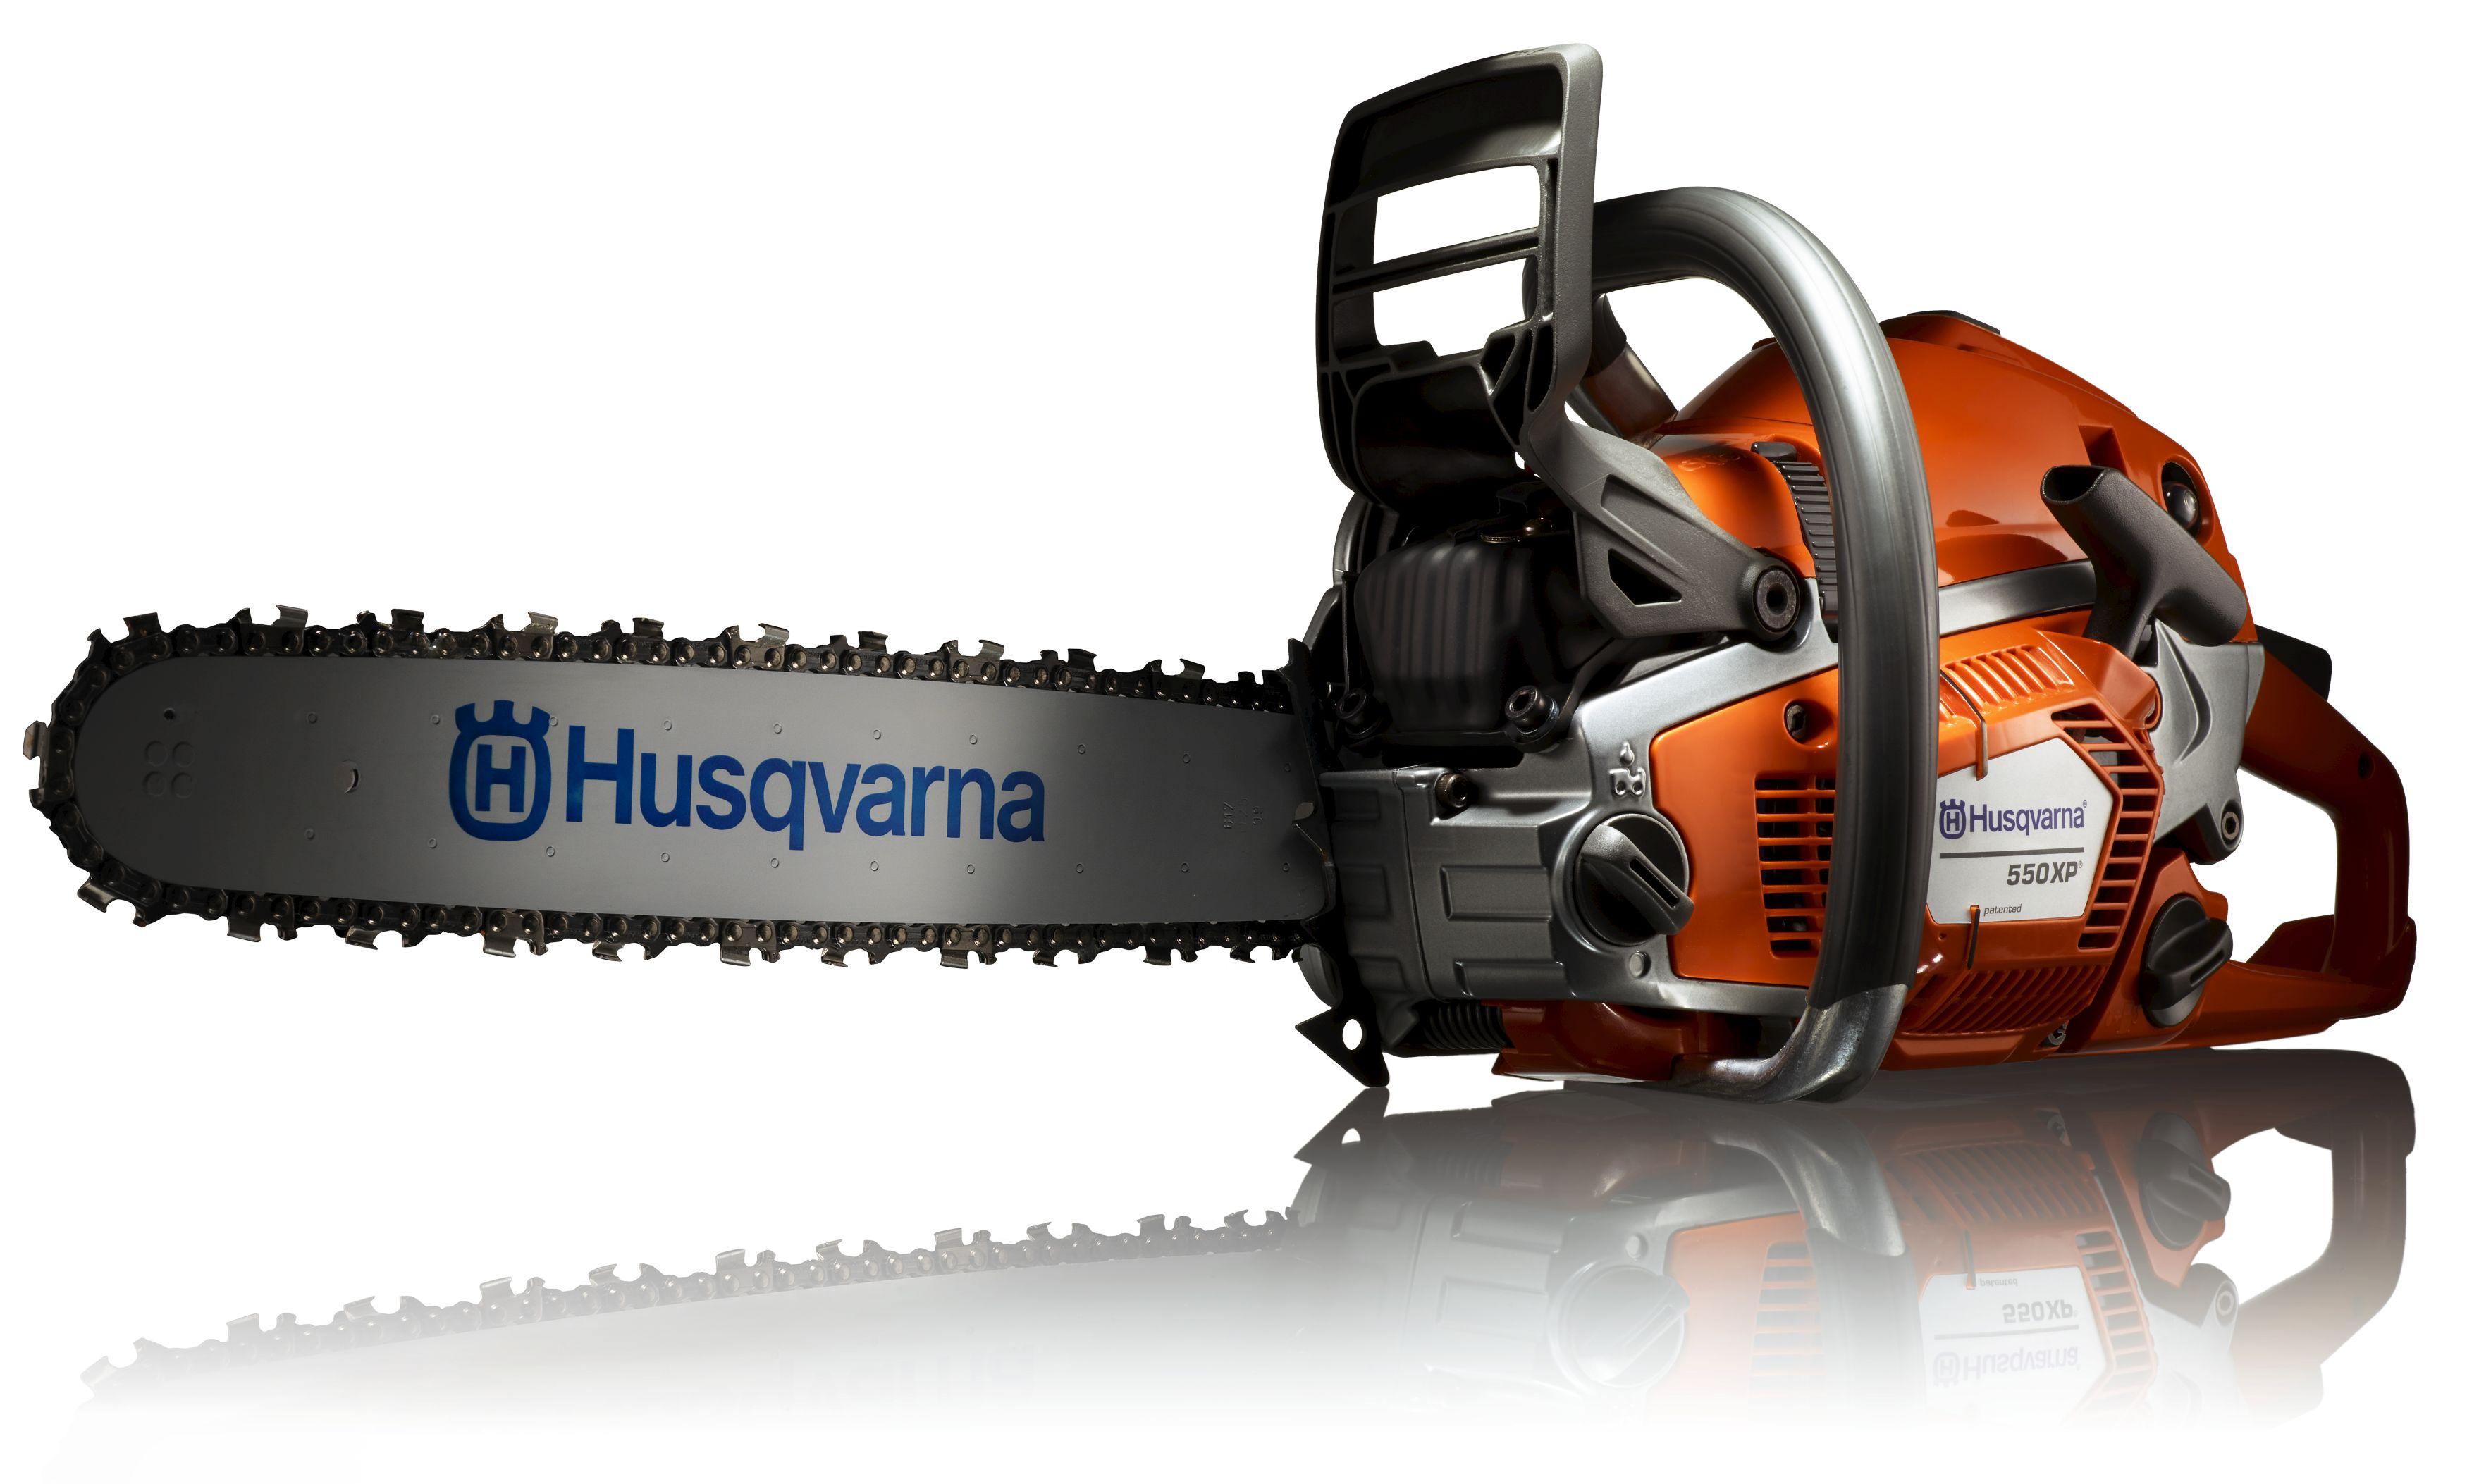 husqvarna 550 xp174 chainsaw husqvarna ab